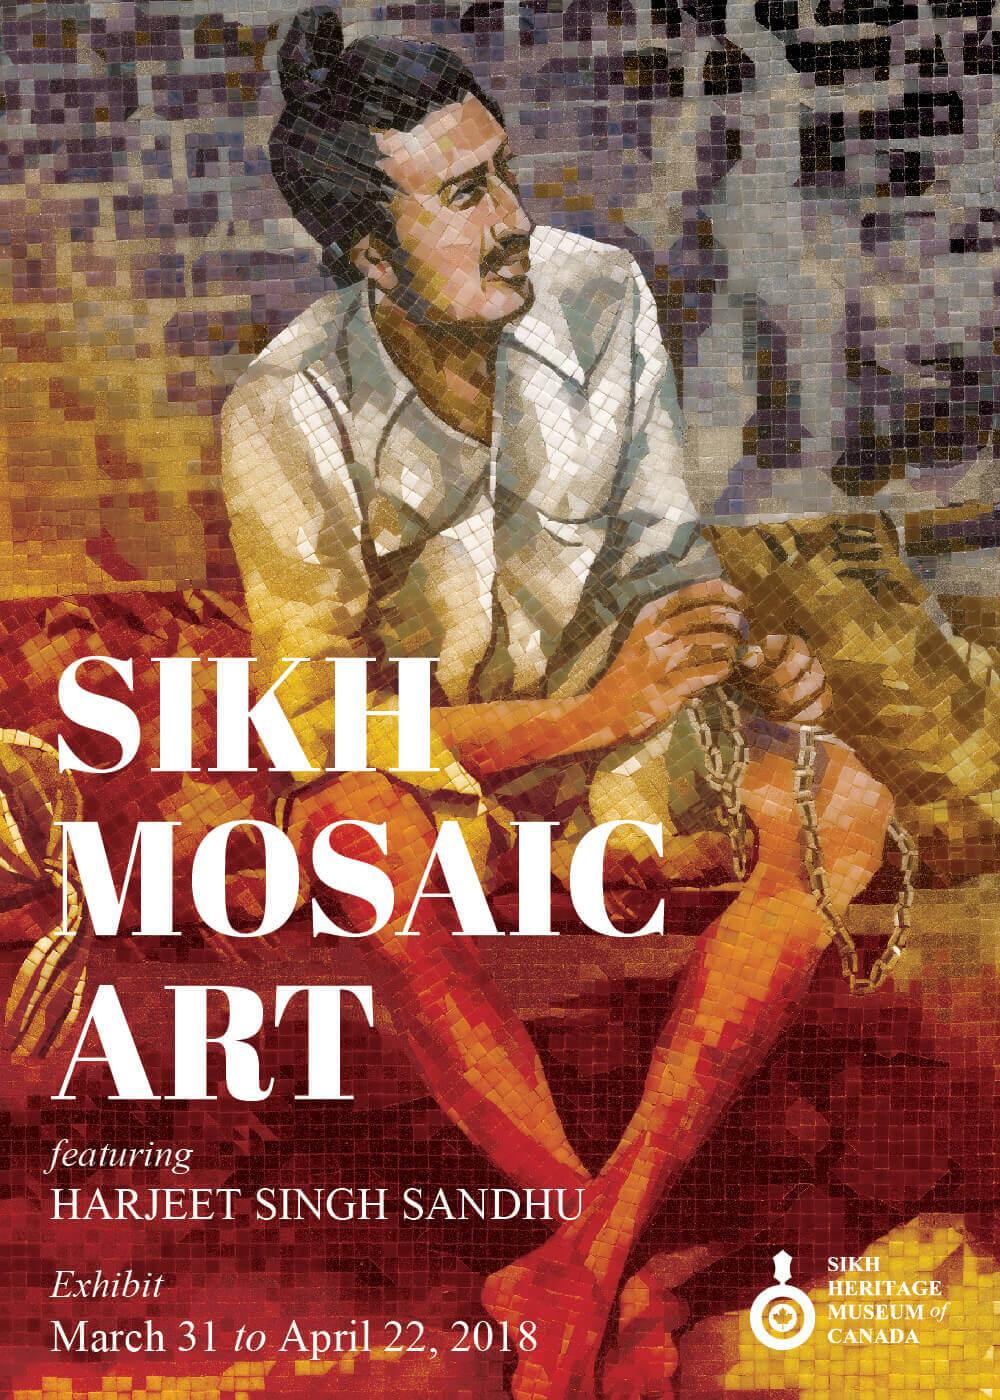 SHMC_PC_Sikh-Mosiac-Art_2018-02-09-01